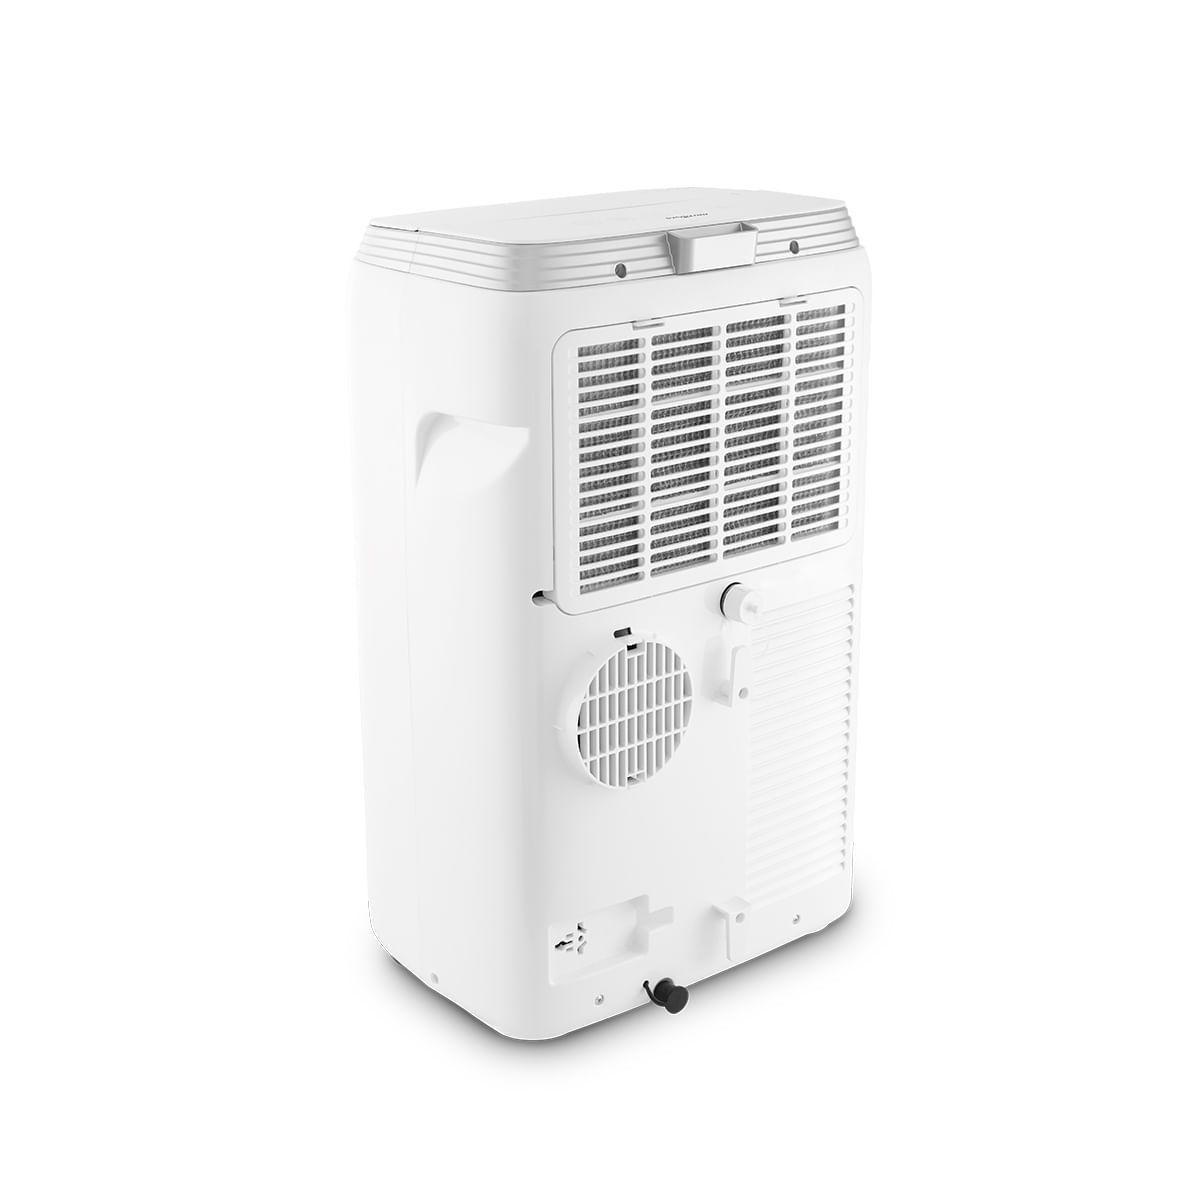 Ar Condicionado Portatil Britania -  Bac11000Qf3 127V